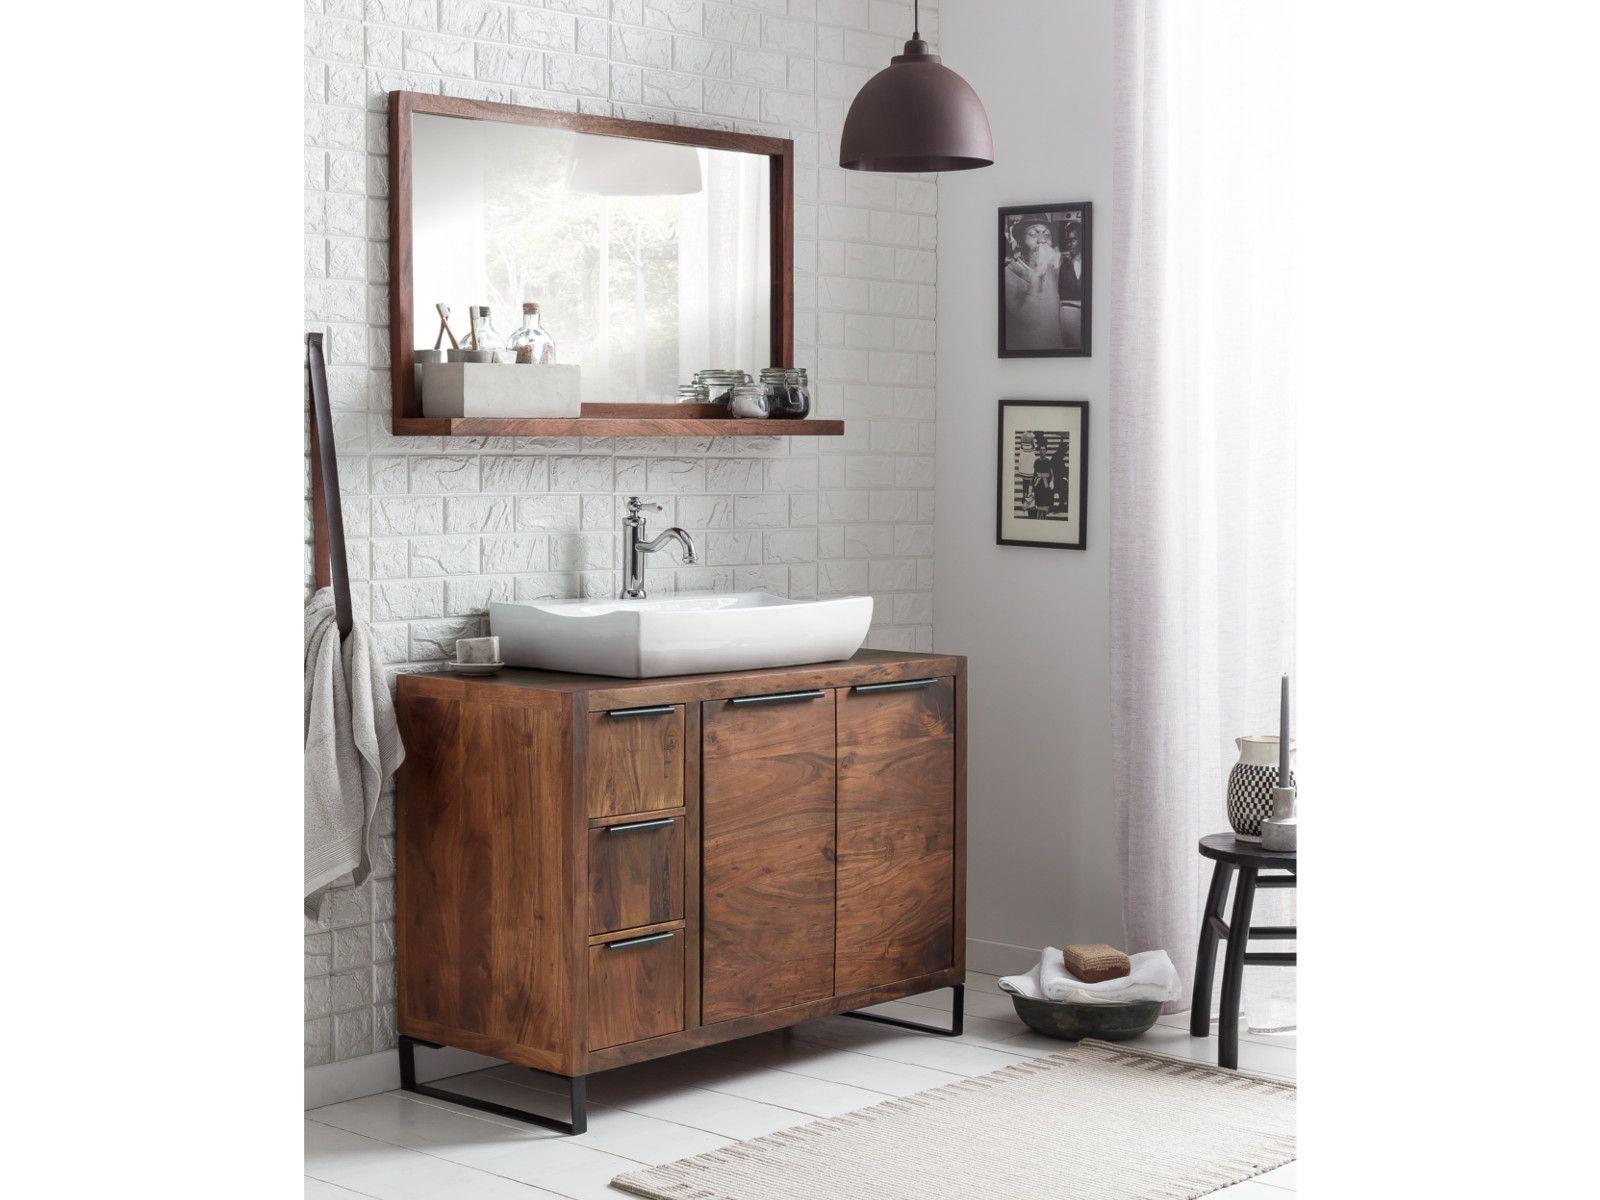 Waschtisch Sydney Von Woodkings Aus Akazienholz Badezimmer